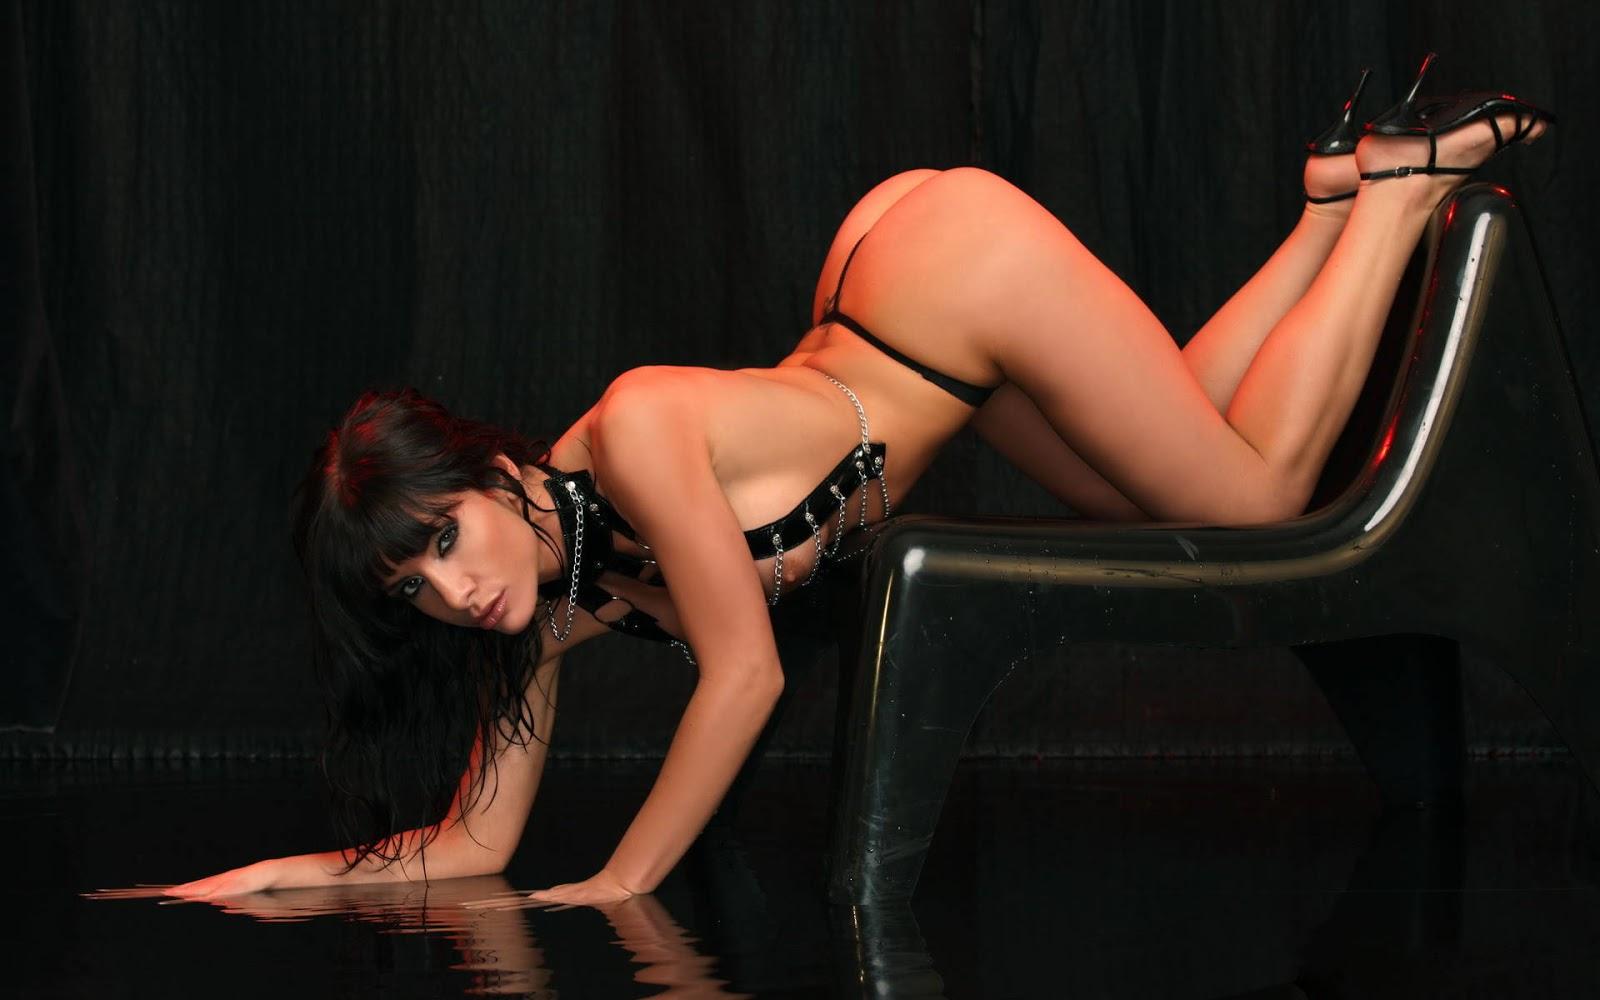 http://2.bp.blogspot.com/-OM74XLARtM4/UKuVEF1Vh4I/AAAAAAAAALs/anZkH_MKTng/s1600/super+and+super+Celebrity+and+Girls+HD+Wallpapers+shapang.blogspot.com+(13).Jpg